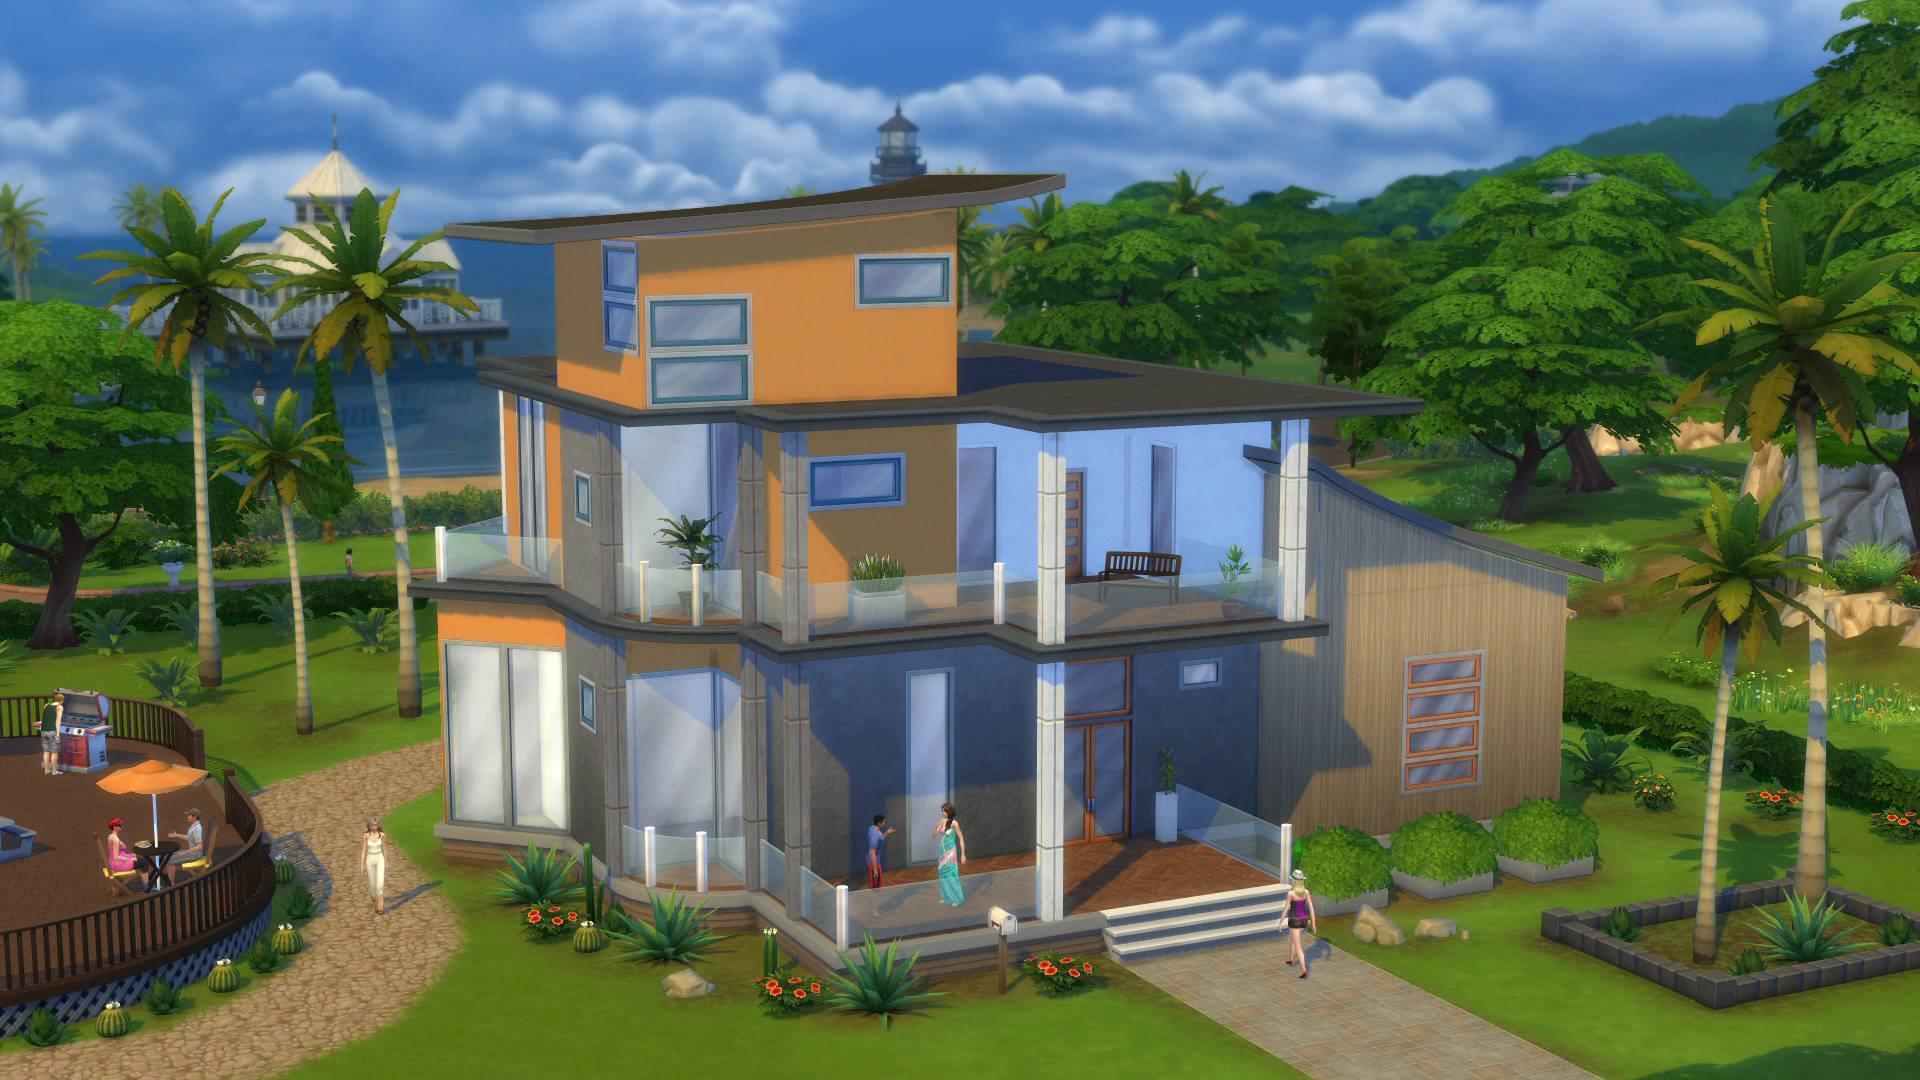 Construcci n sobre agua y difuminado en los sims 4 nueva Casas modernas sims 4 paso a paso